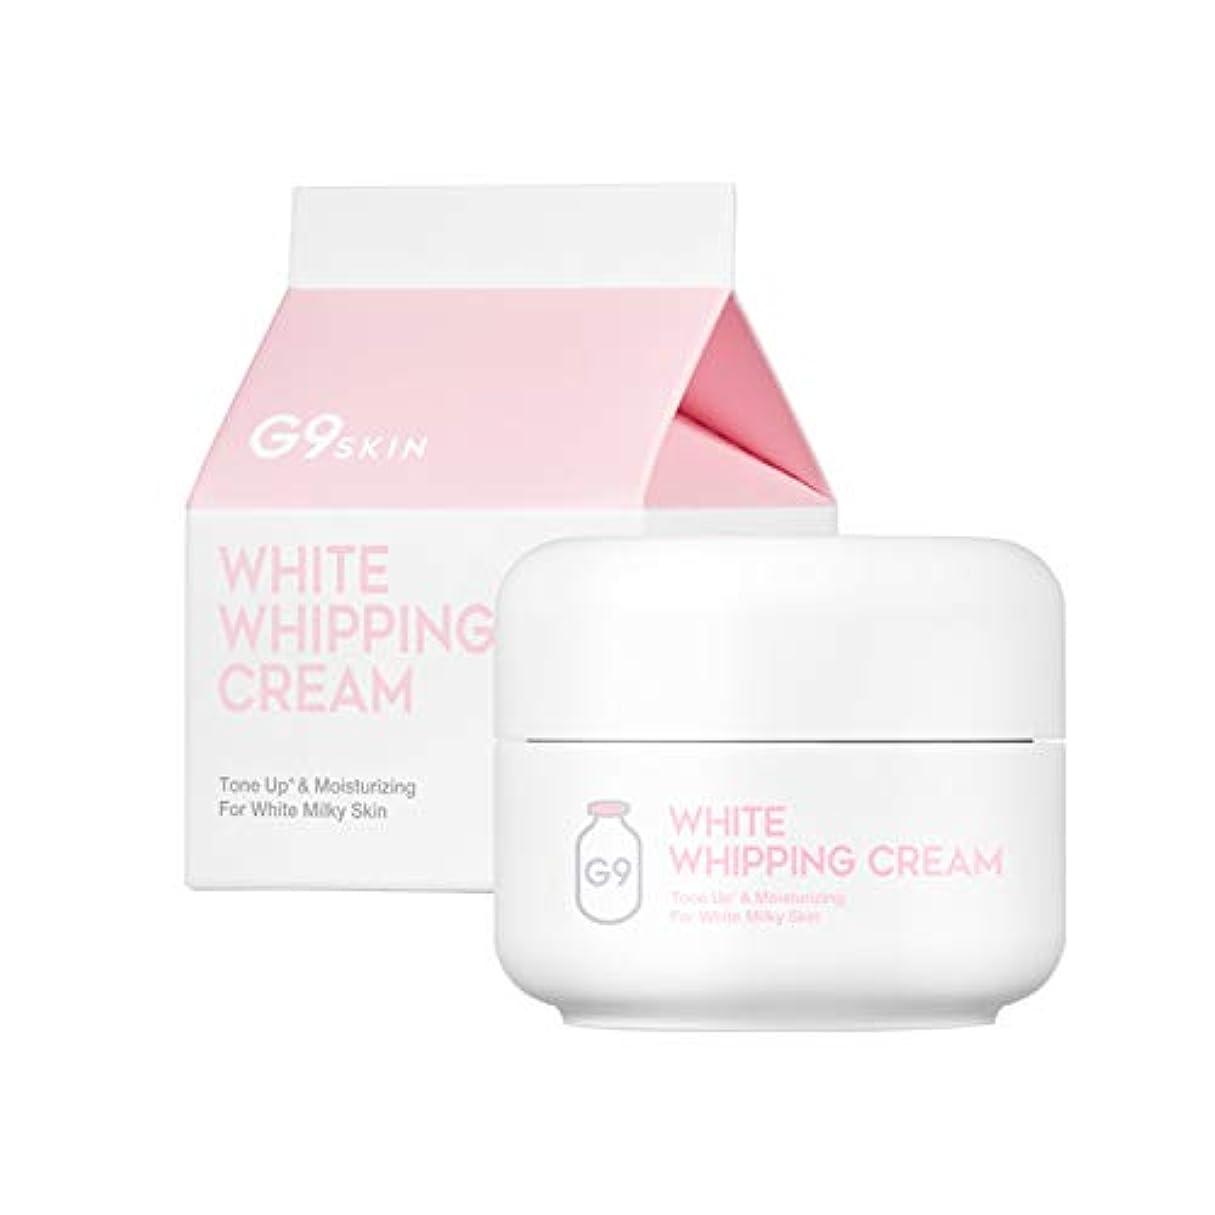 気まぐれな春発音G9SKIN(ベリサム) ホワイト イン 生クリーム WHITE IN WHIPPING CREAM 50g